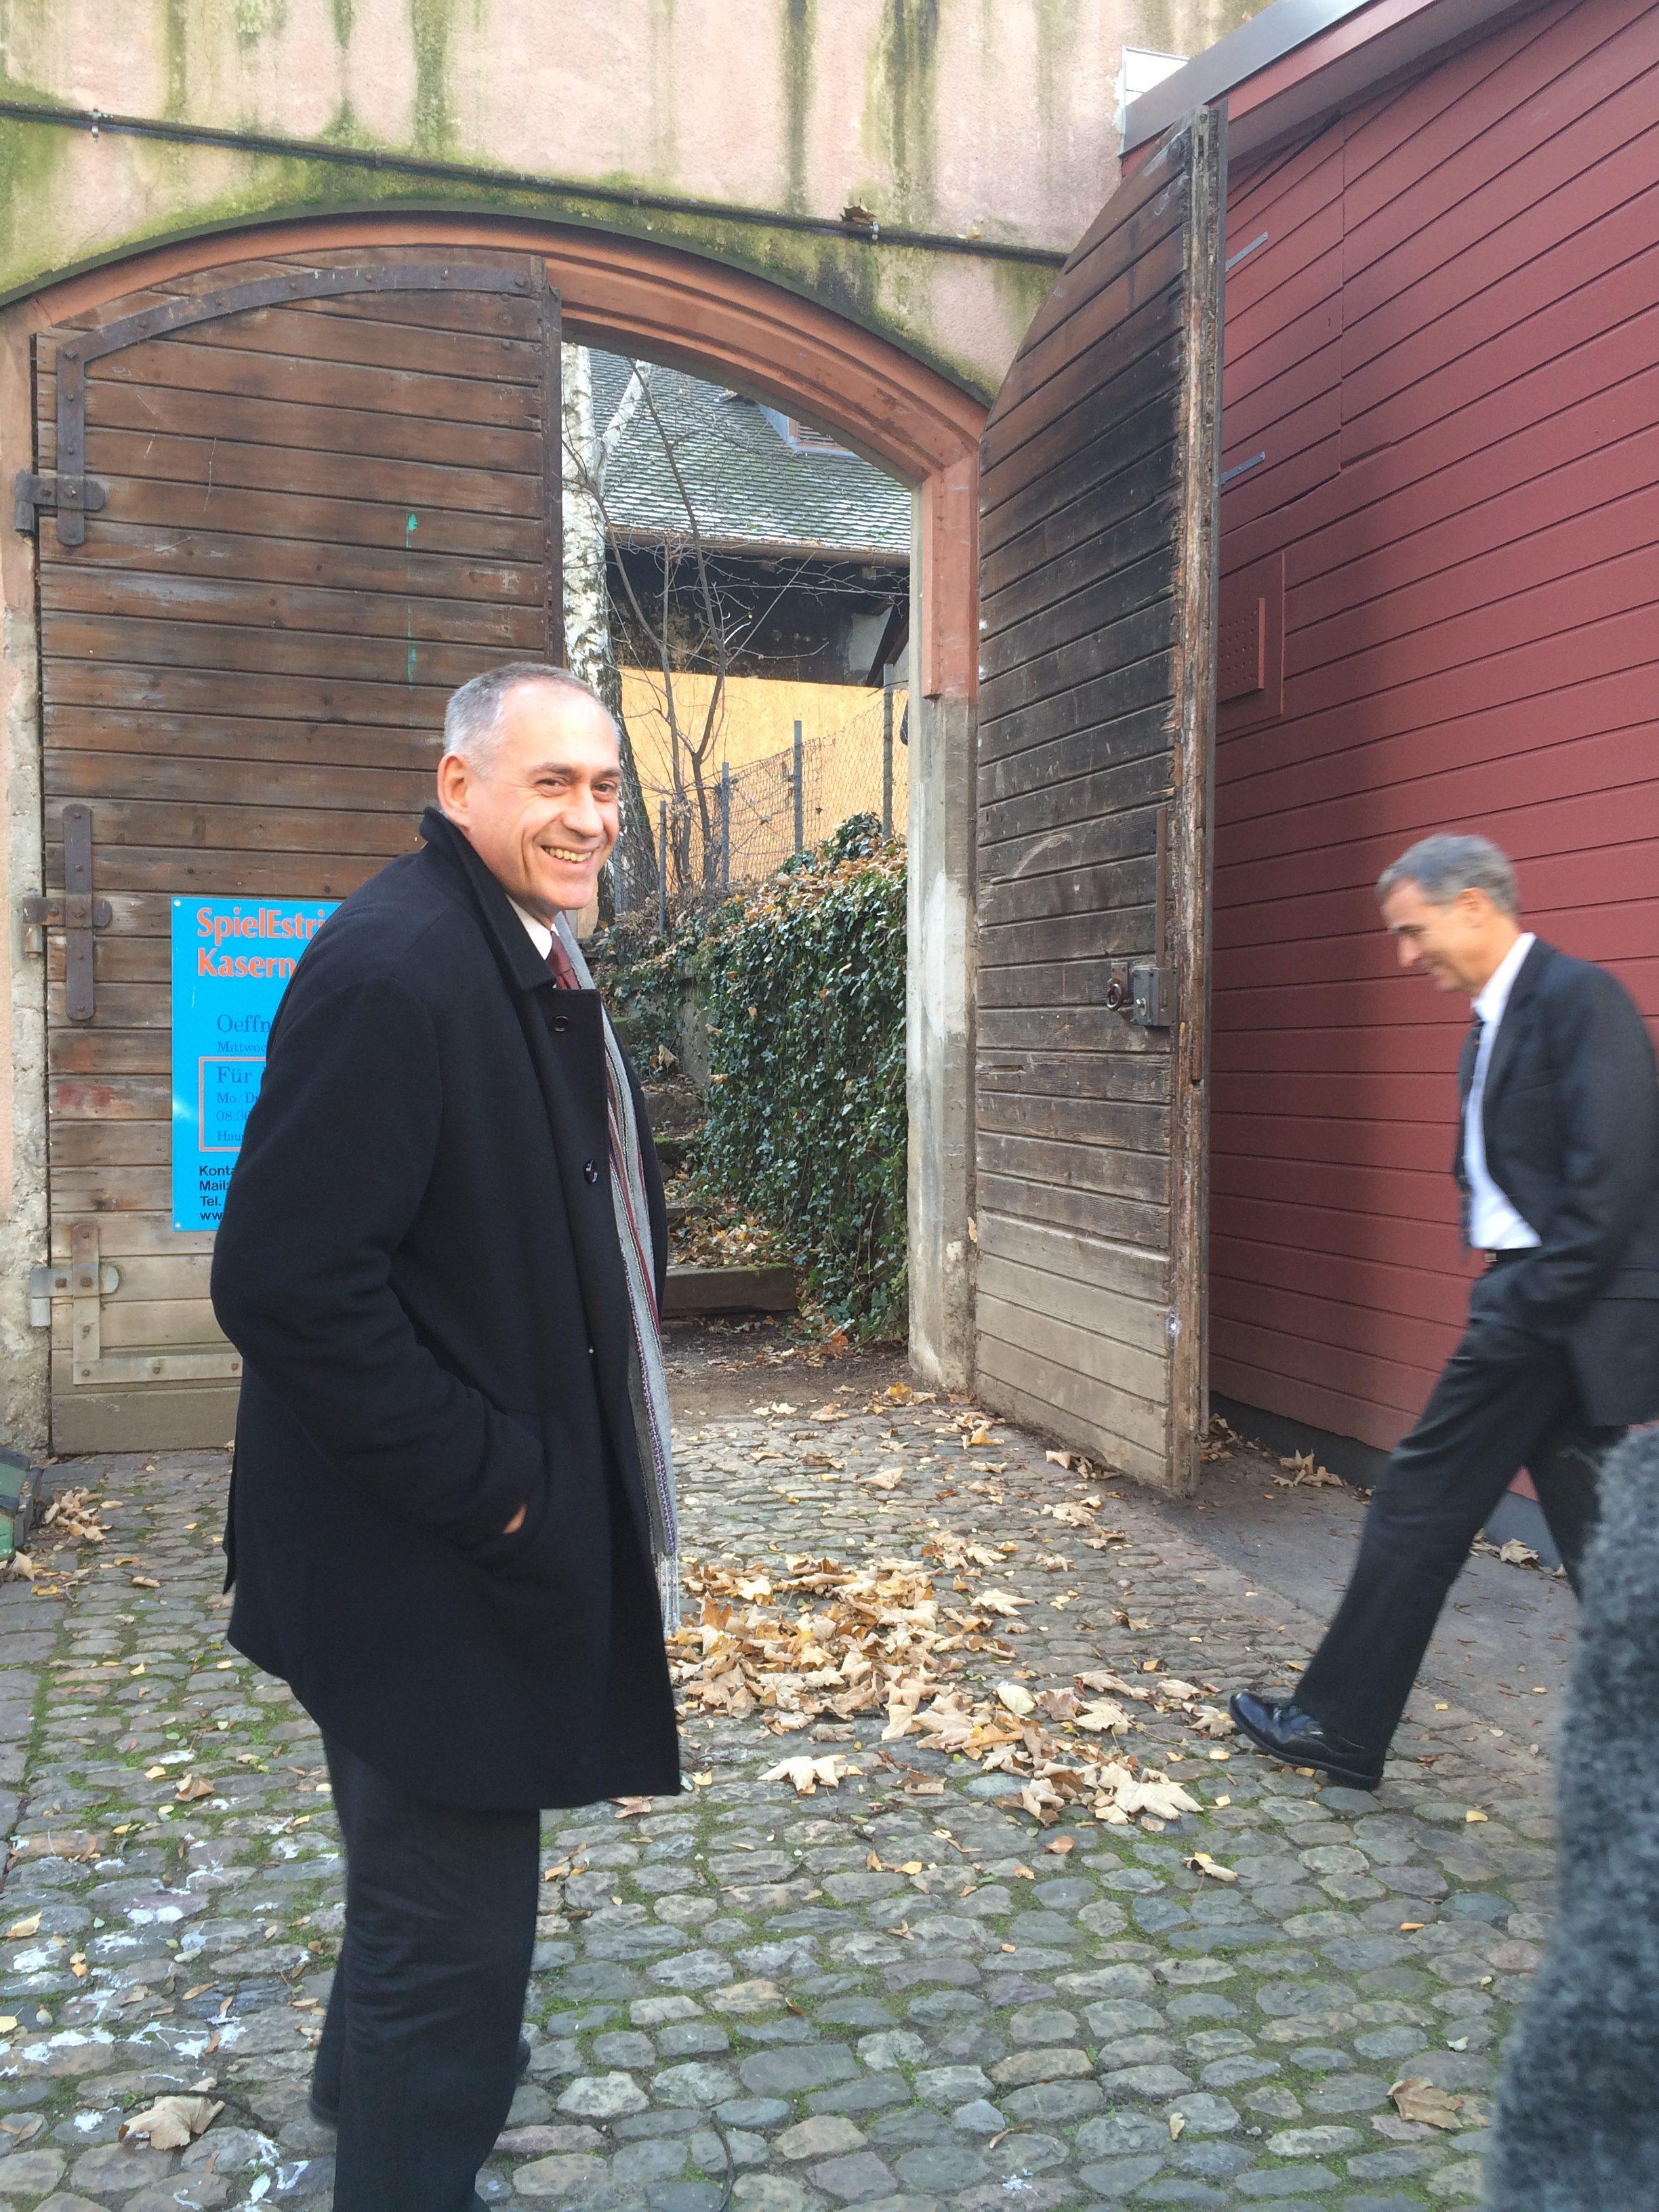 Regierungsrat und Vorsteher des Baus- und Verkehrsdepartements Hans-Peter Wessels (links) und Regierungsopräsident Guy Morin (läuft gerade ins Bild) nehmen die Journalisten mit auf einen Rundgang durch den Hauptbau der Kaserne.